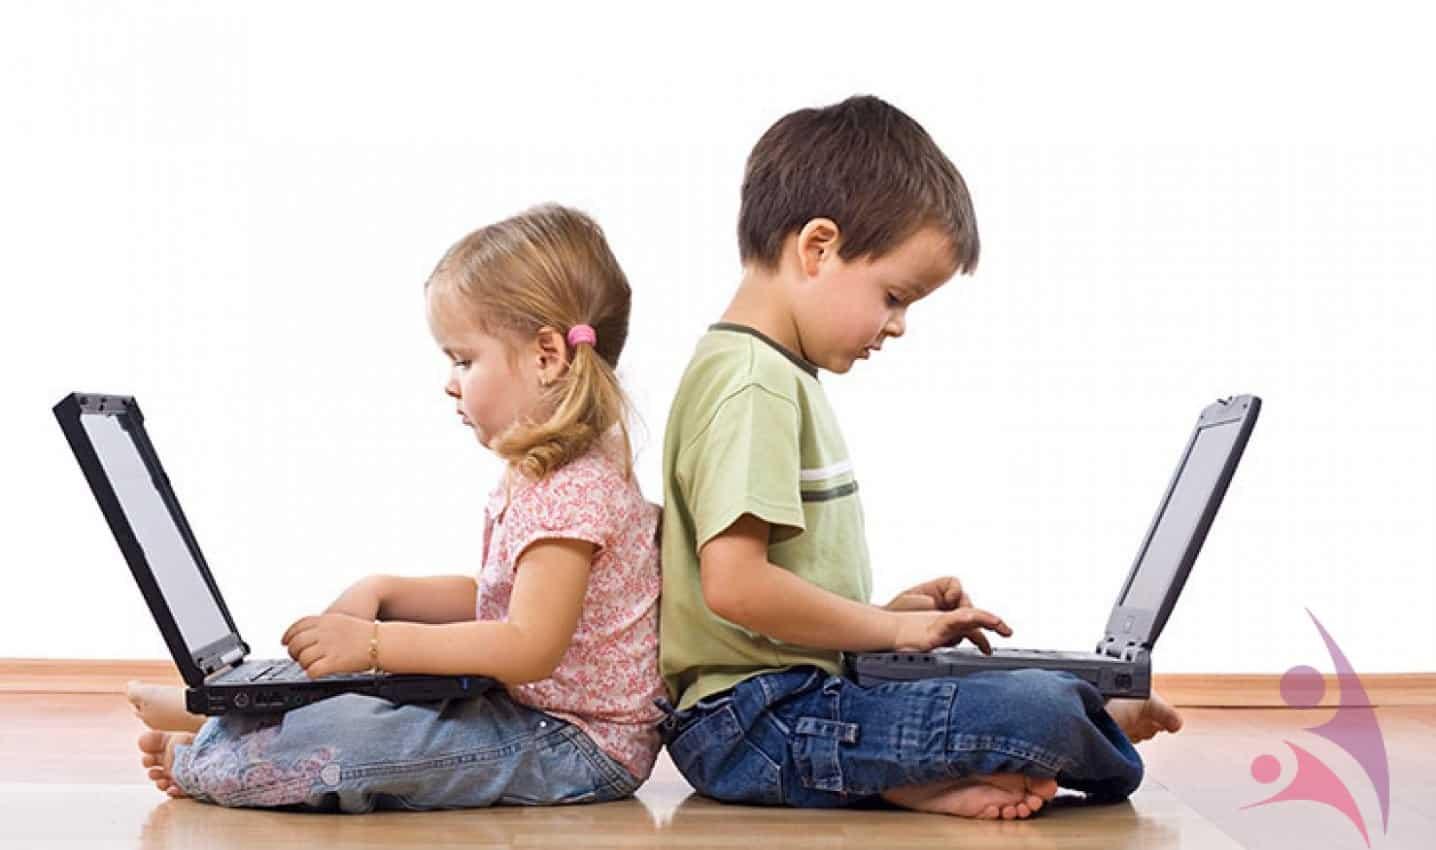 Ergenlik döneminde İnternet bağımlılığı